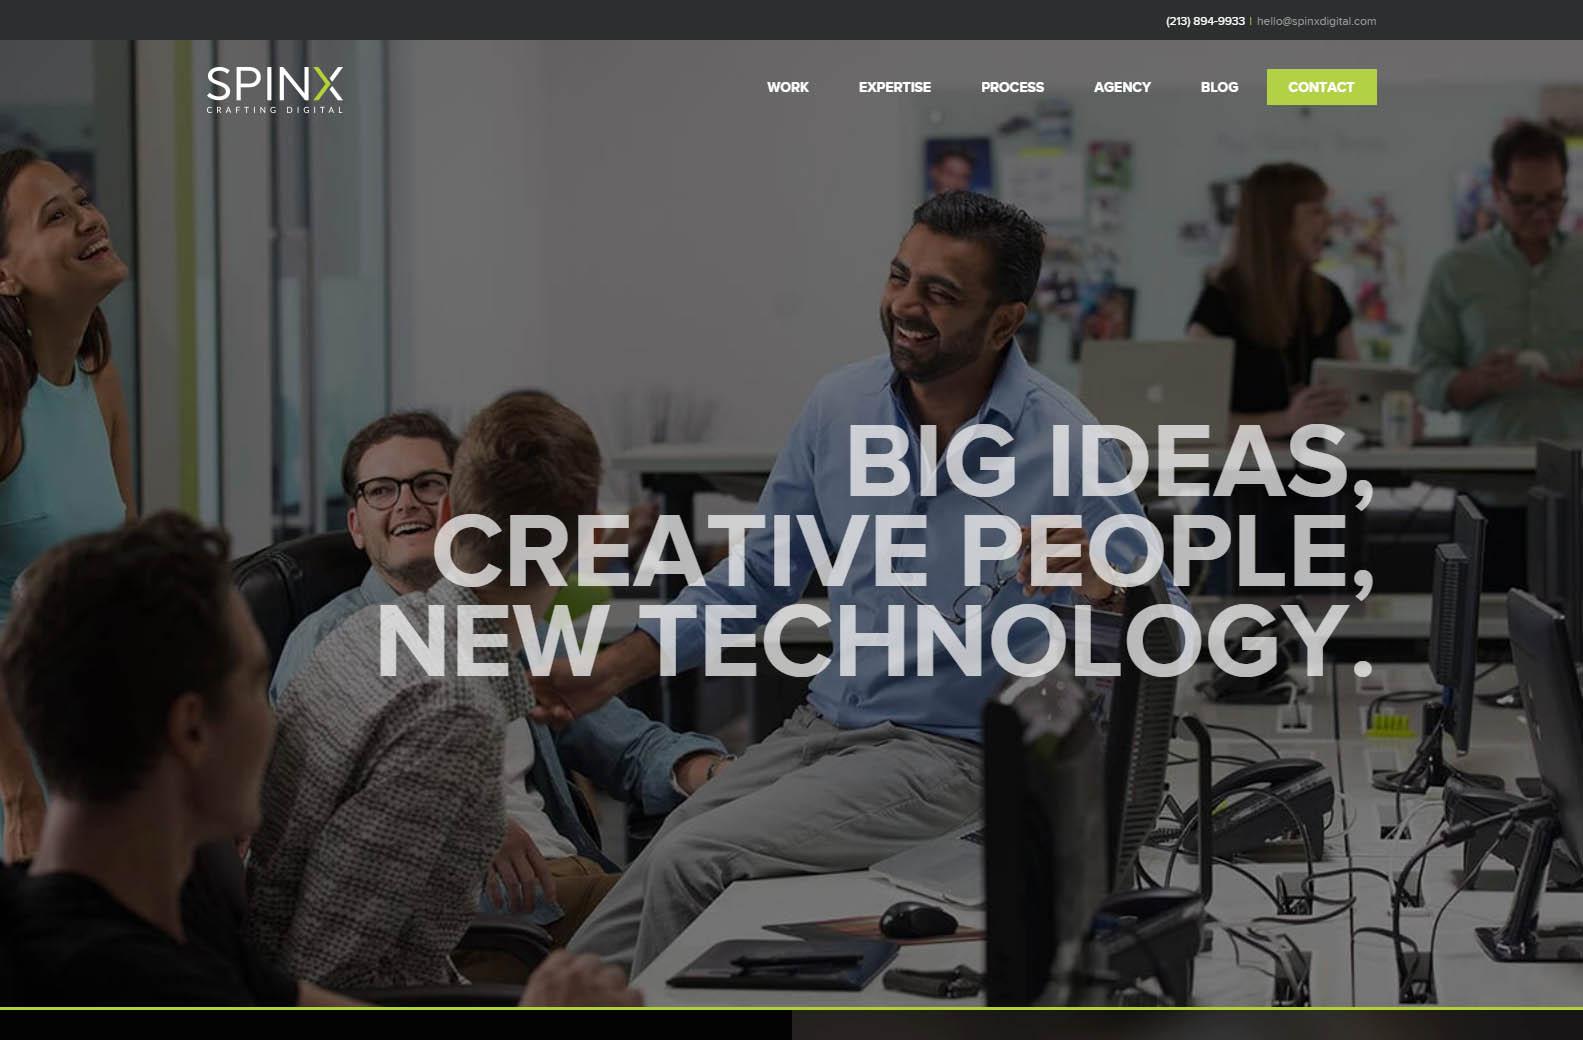 Spinx - Web Agencies in California